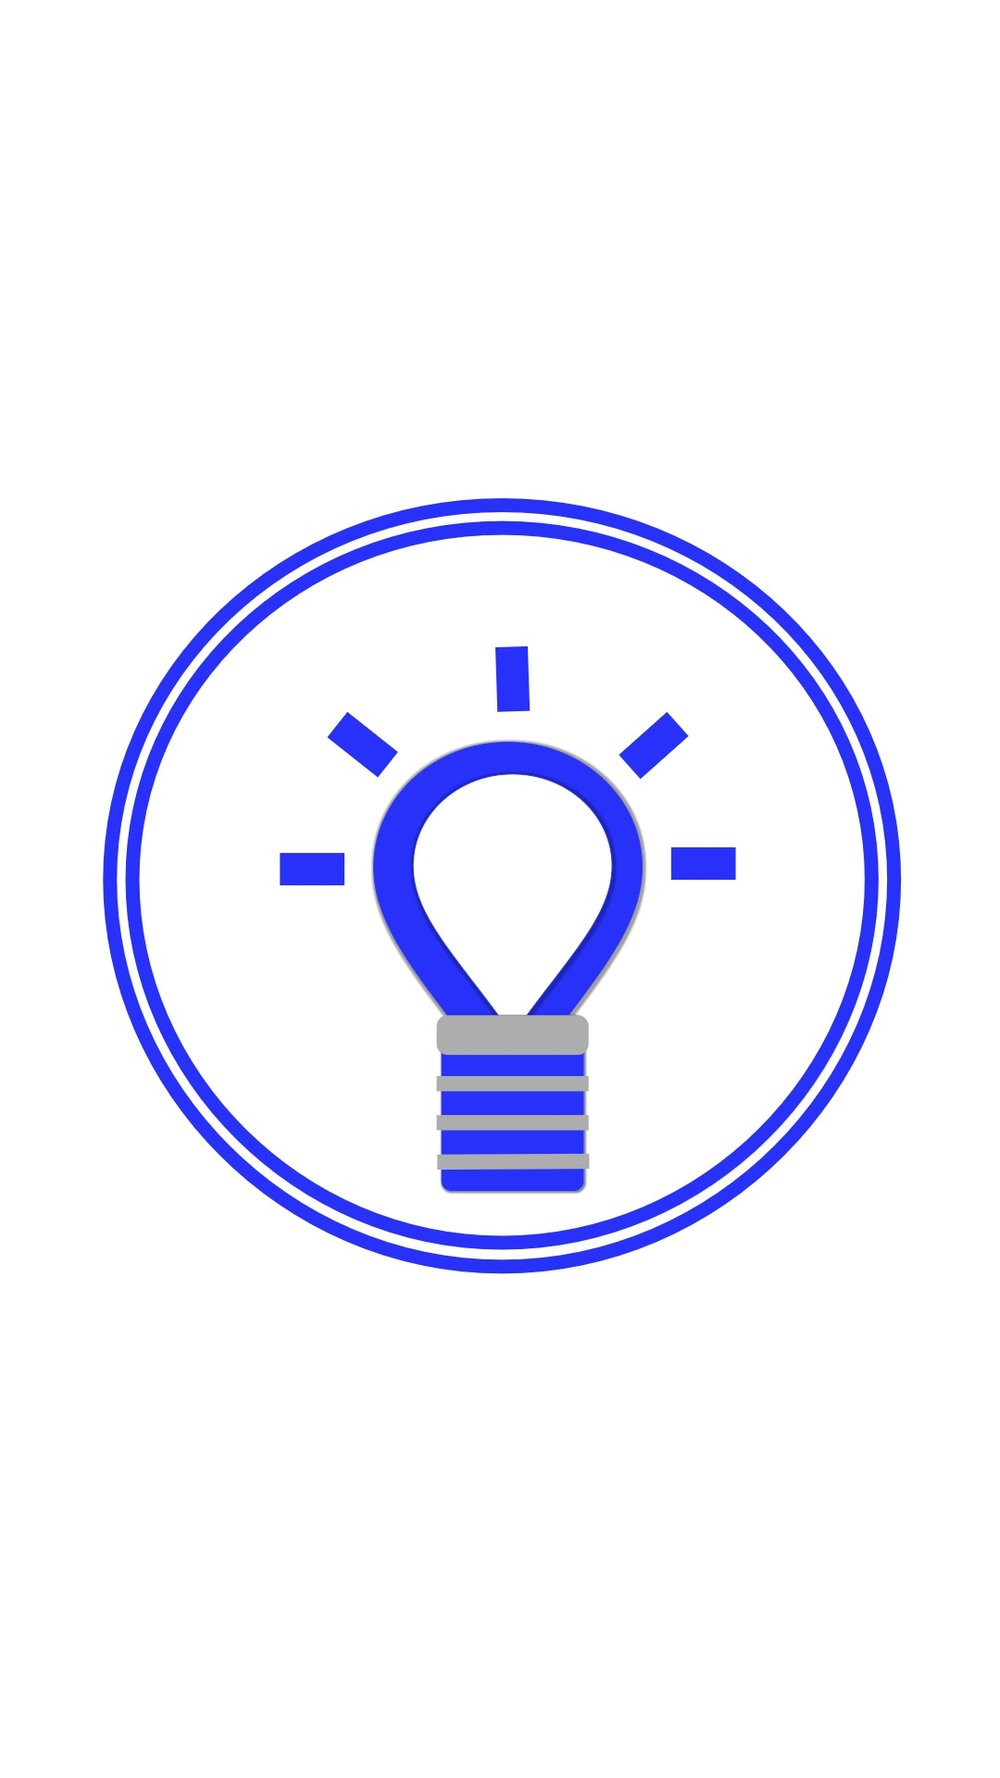 Instagram-cover-bulb-blue-white-lotnotes.jpg